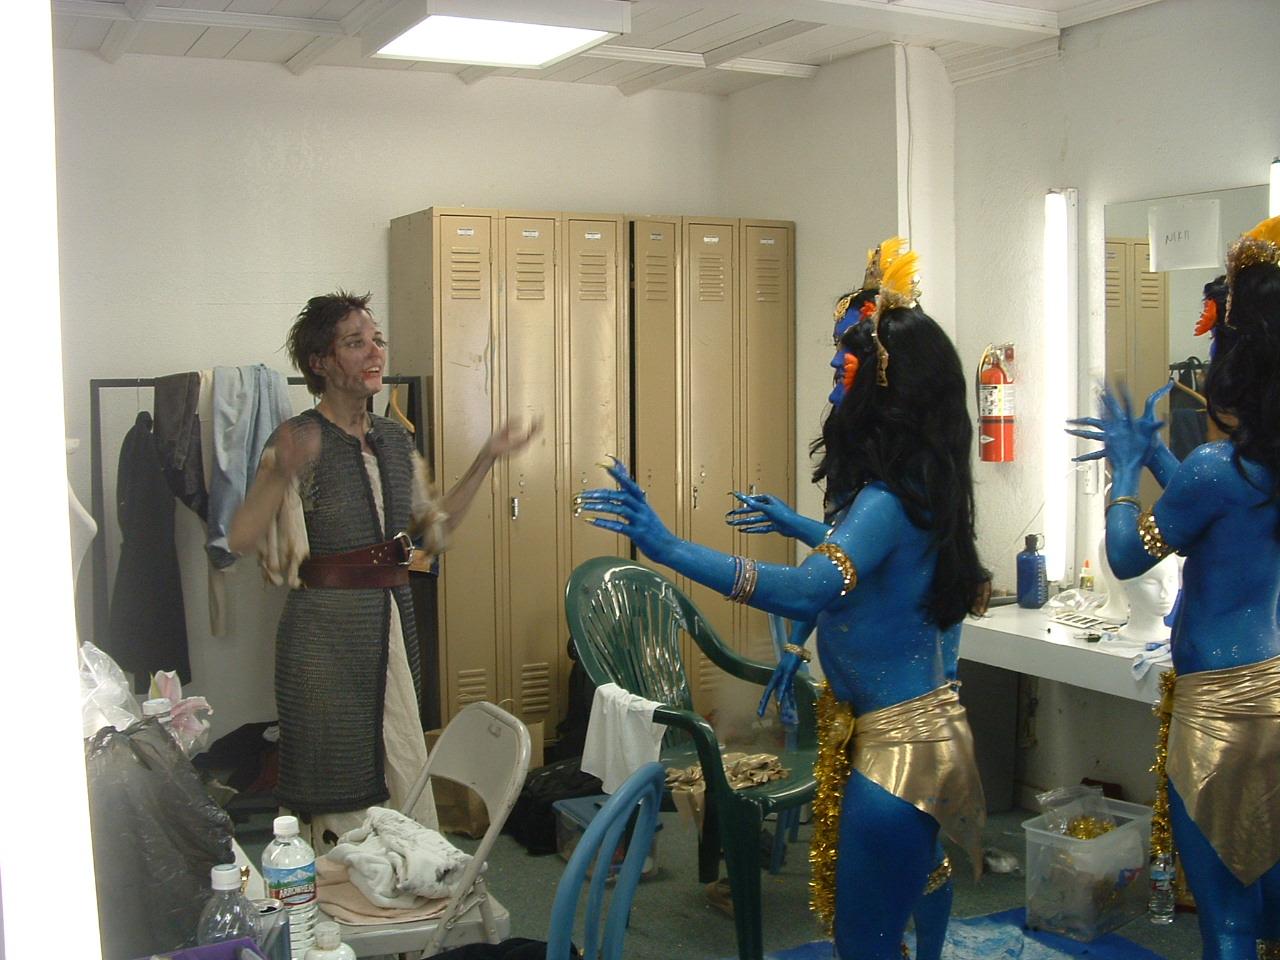 Ste. Jeanne directing Kali